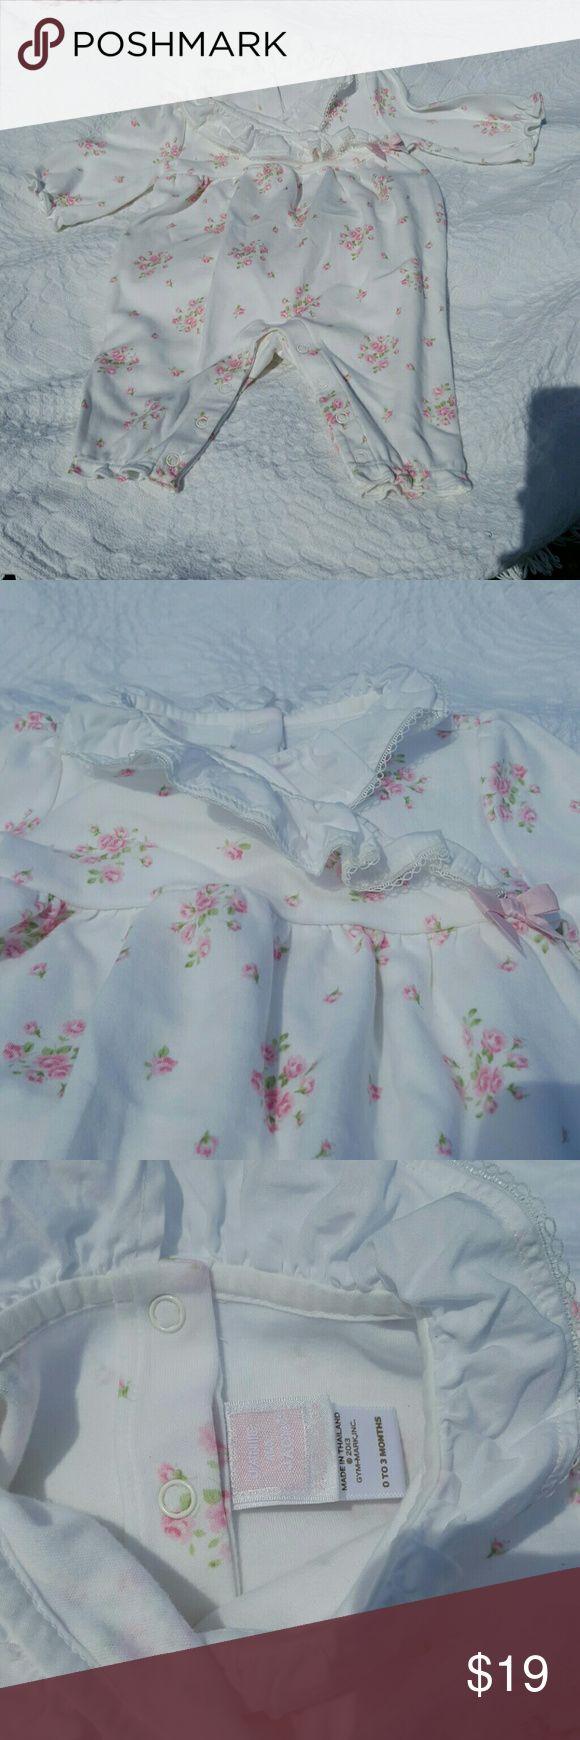 Janie and Jack One piece 0-3 months Like new Janie and Jack One piece 0-3 months, washed but never worn. Janie and Jack One Pieces Bodysuits